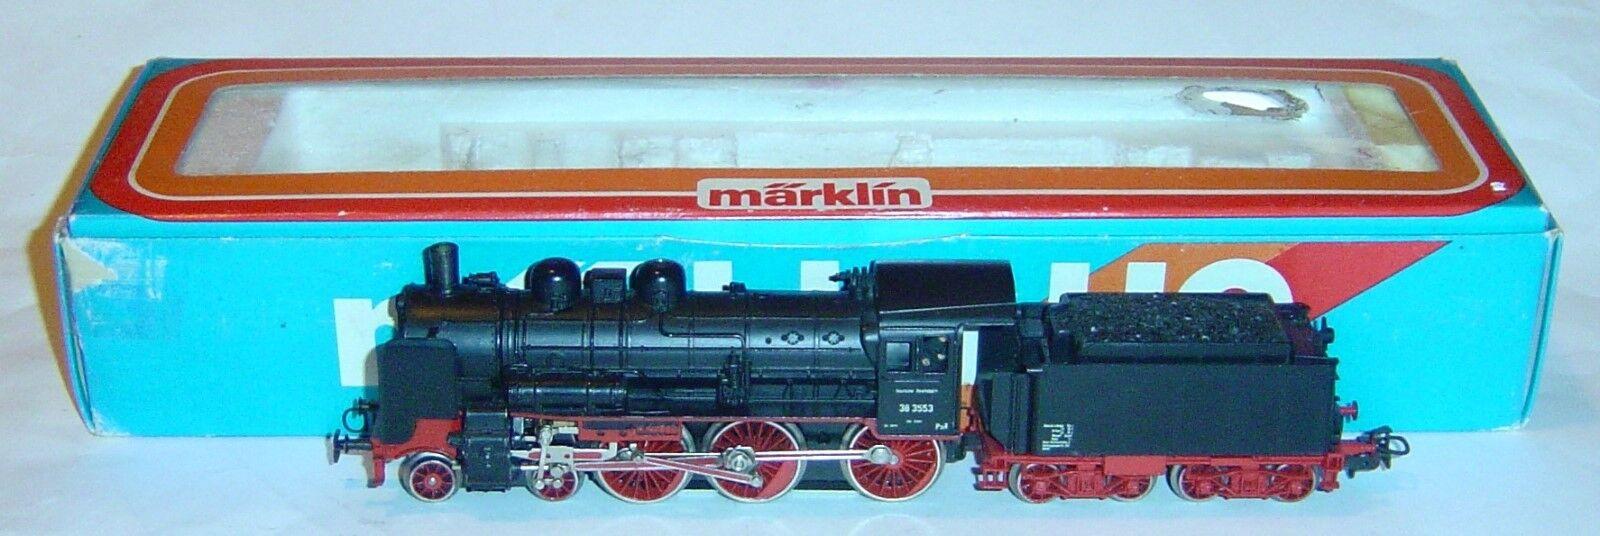 MARKLIN HO, LOCOMOTORA BR38 3553 R.3099 ¡MAQUINISTA Y FOGONERO  DIGITAL OPCIONAL